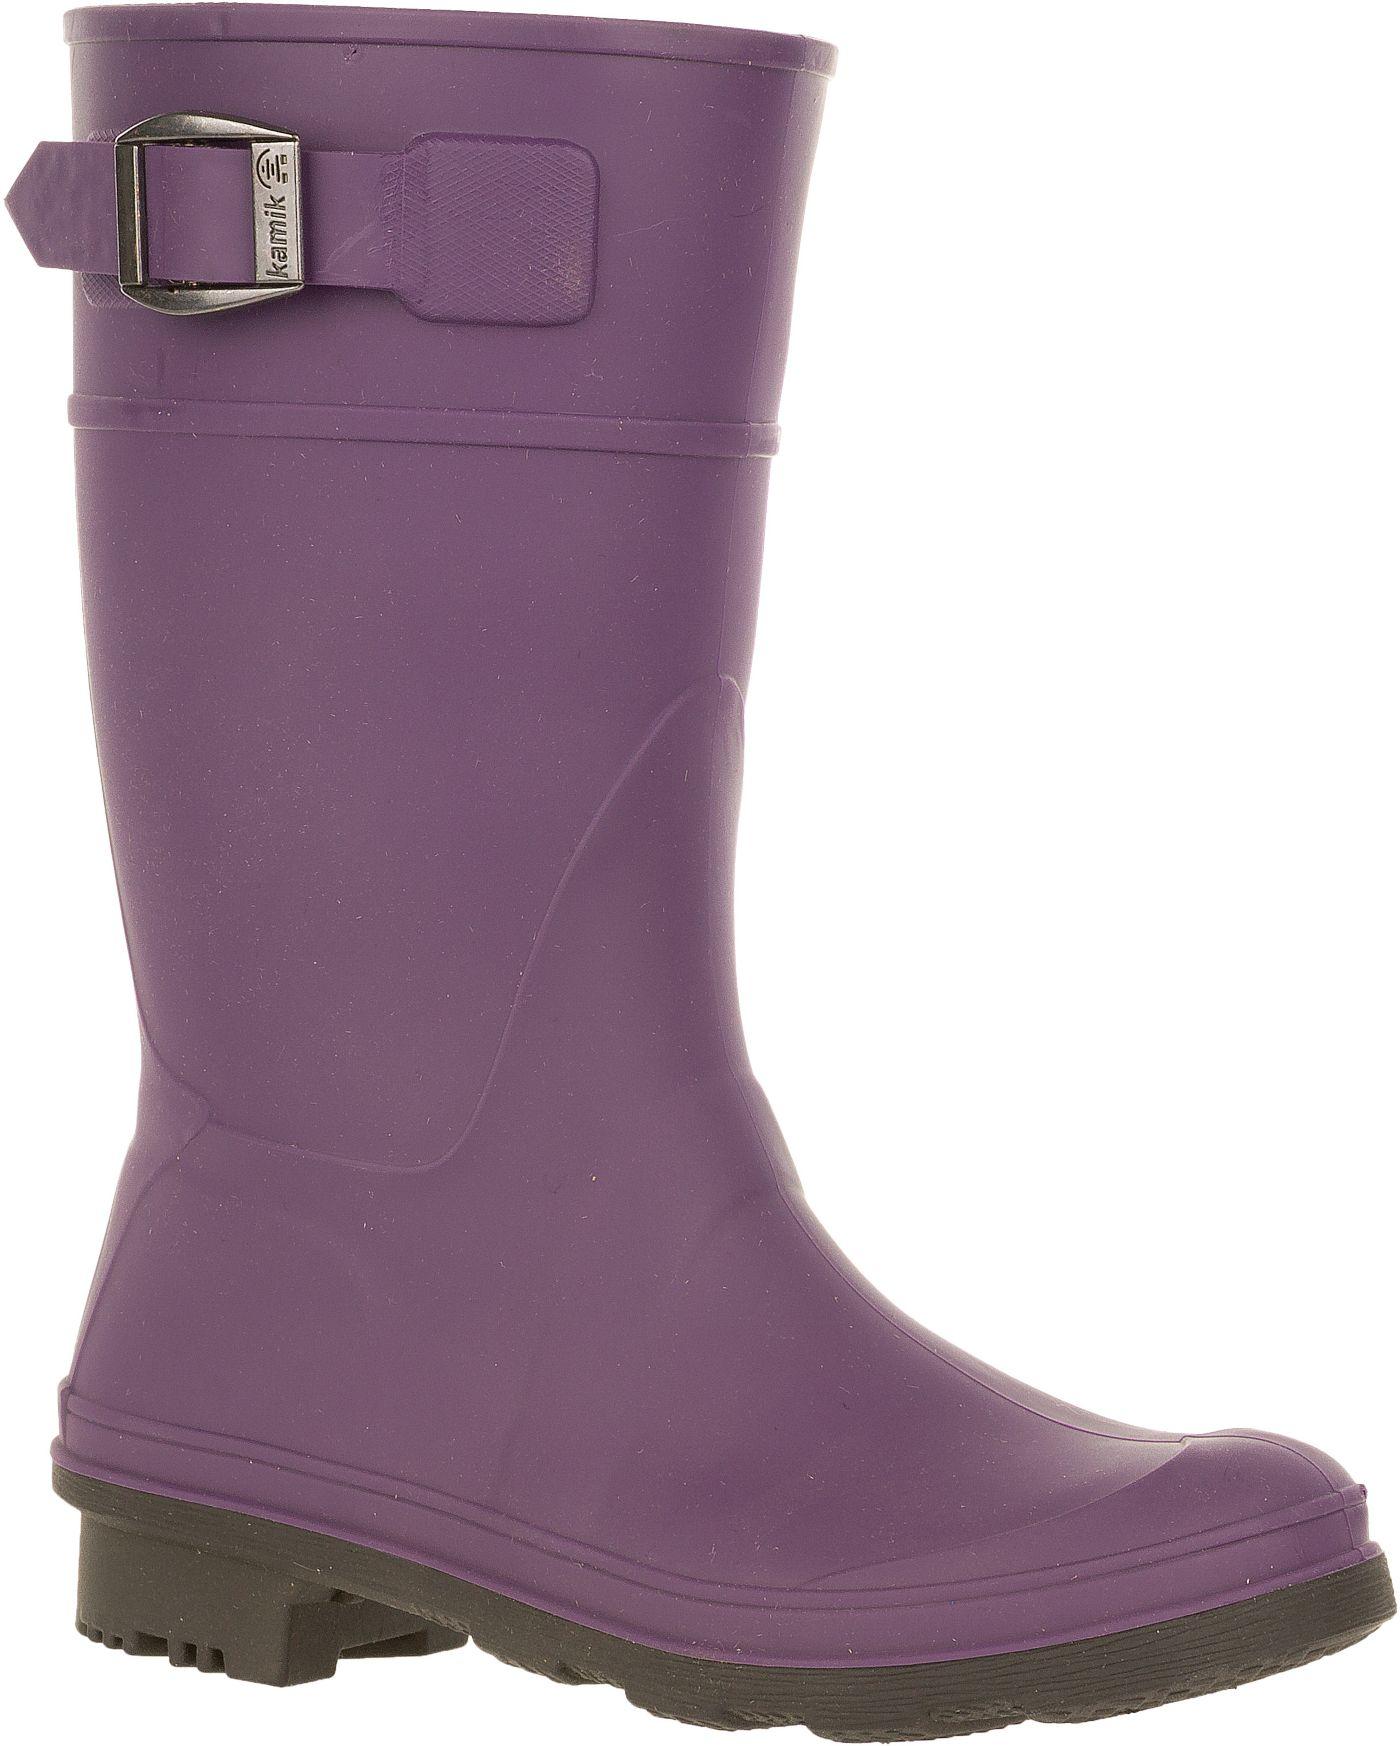 Kamik Kids' Raindrops Rain Boots